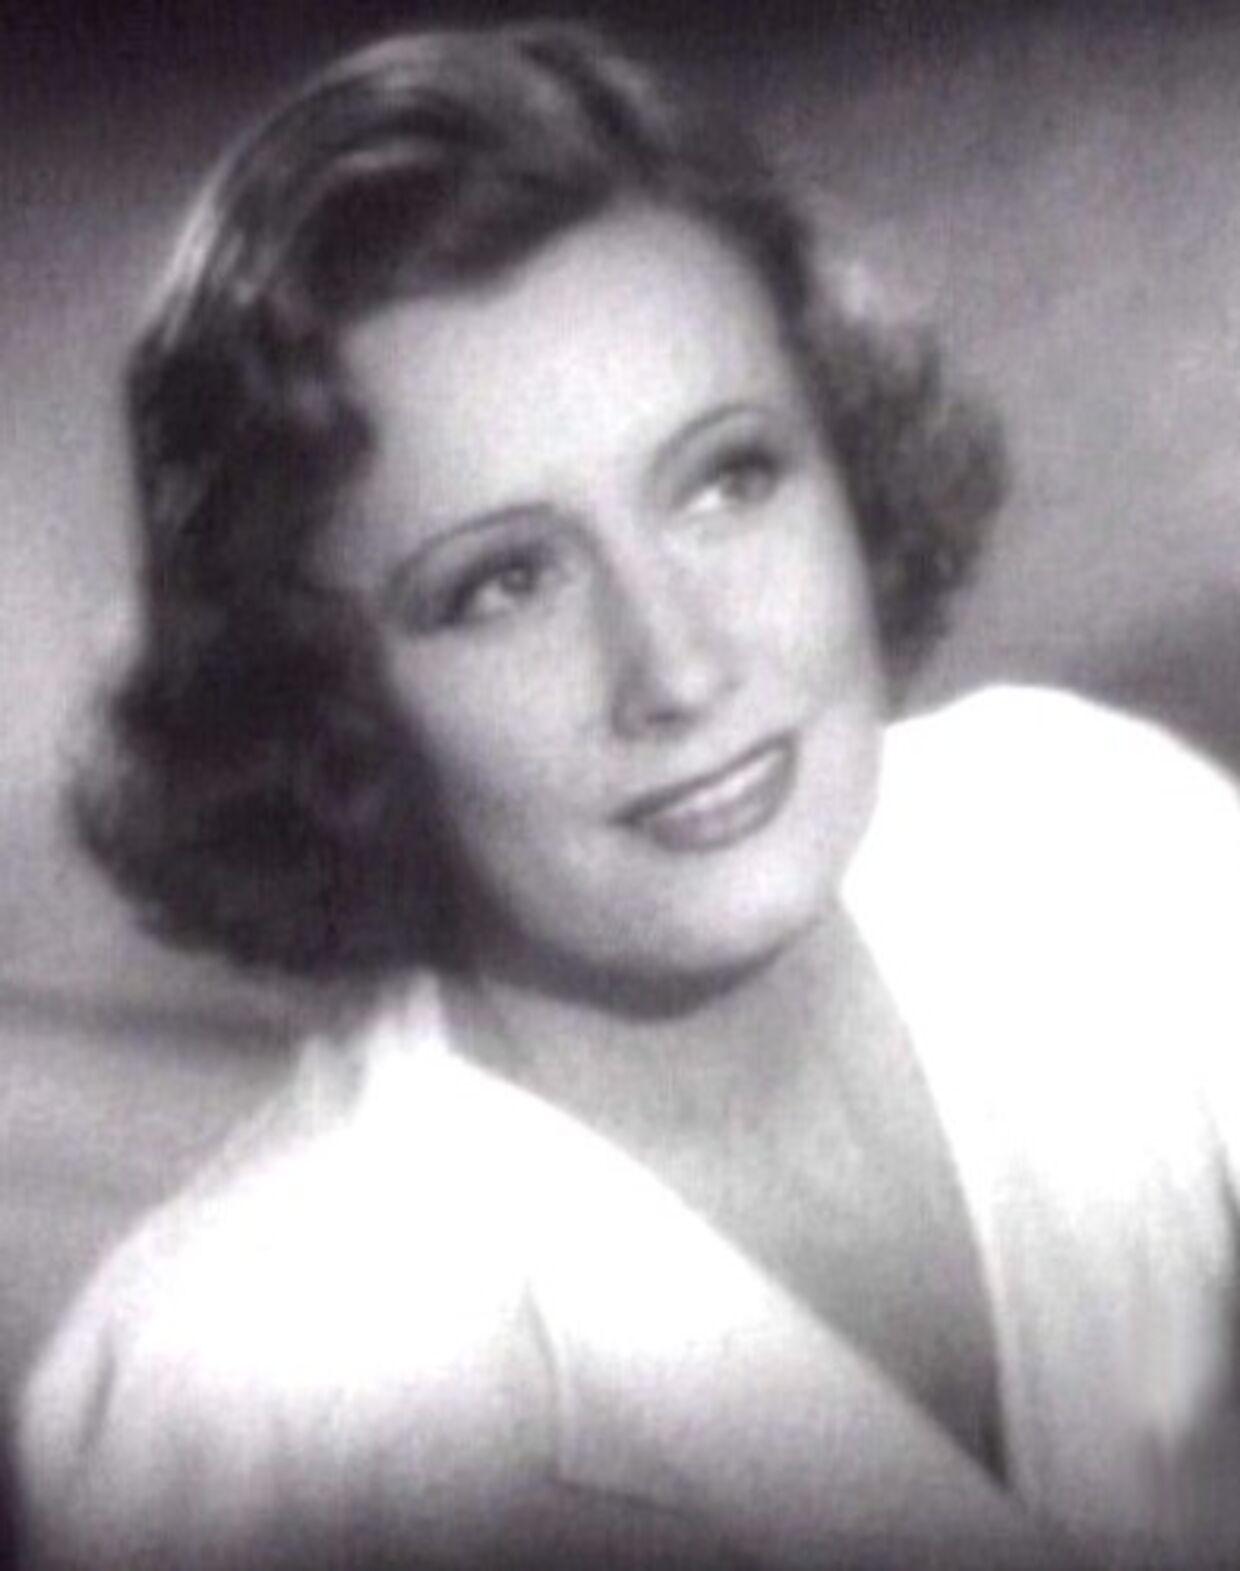 Irene Dunne i filmen 'Love Affair' fra 1939, som hun blev nomineret til en Oscar for. Det var den ene af hendes i alt fem Oscar-nomineringer.